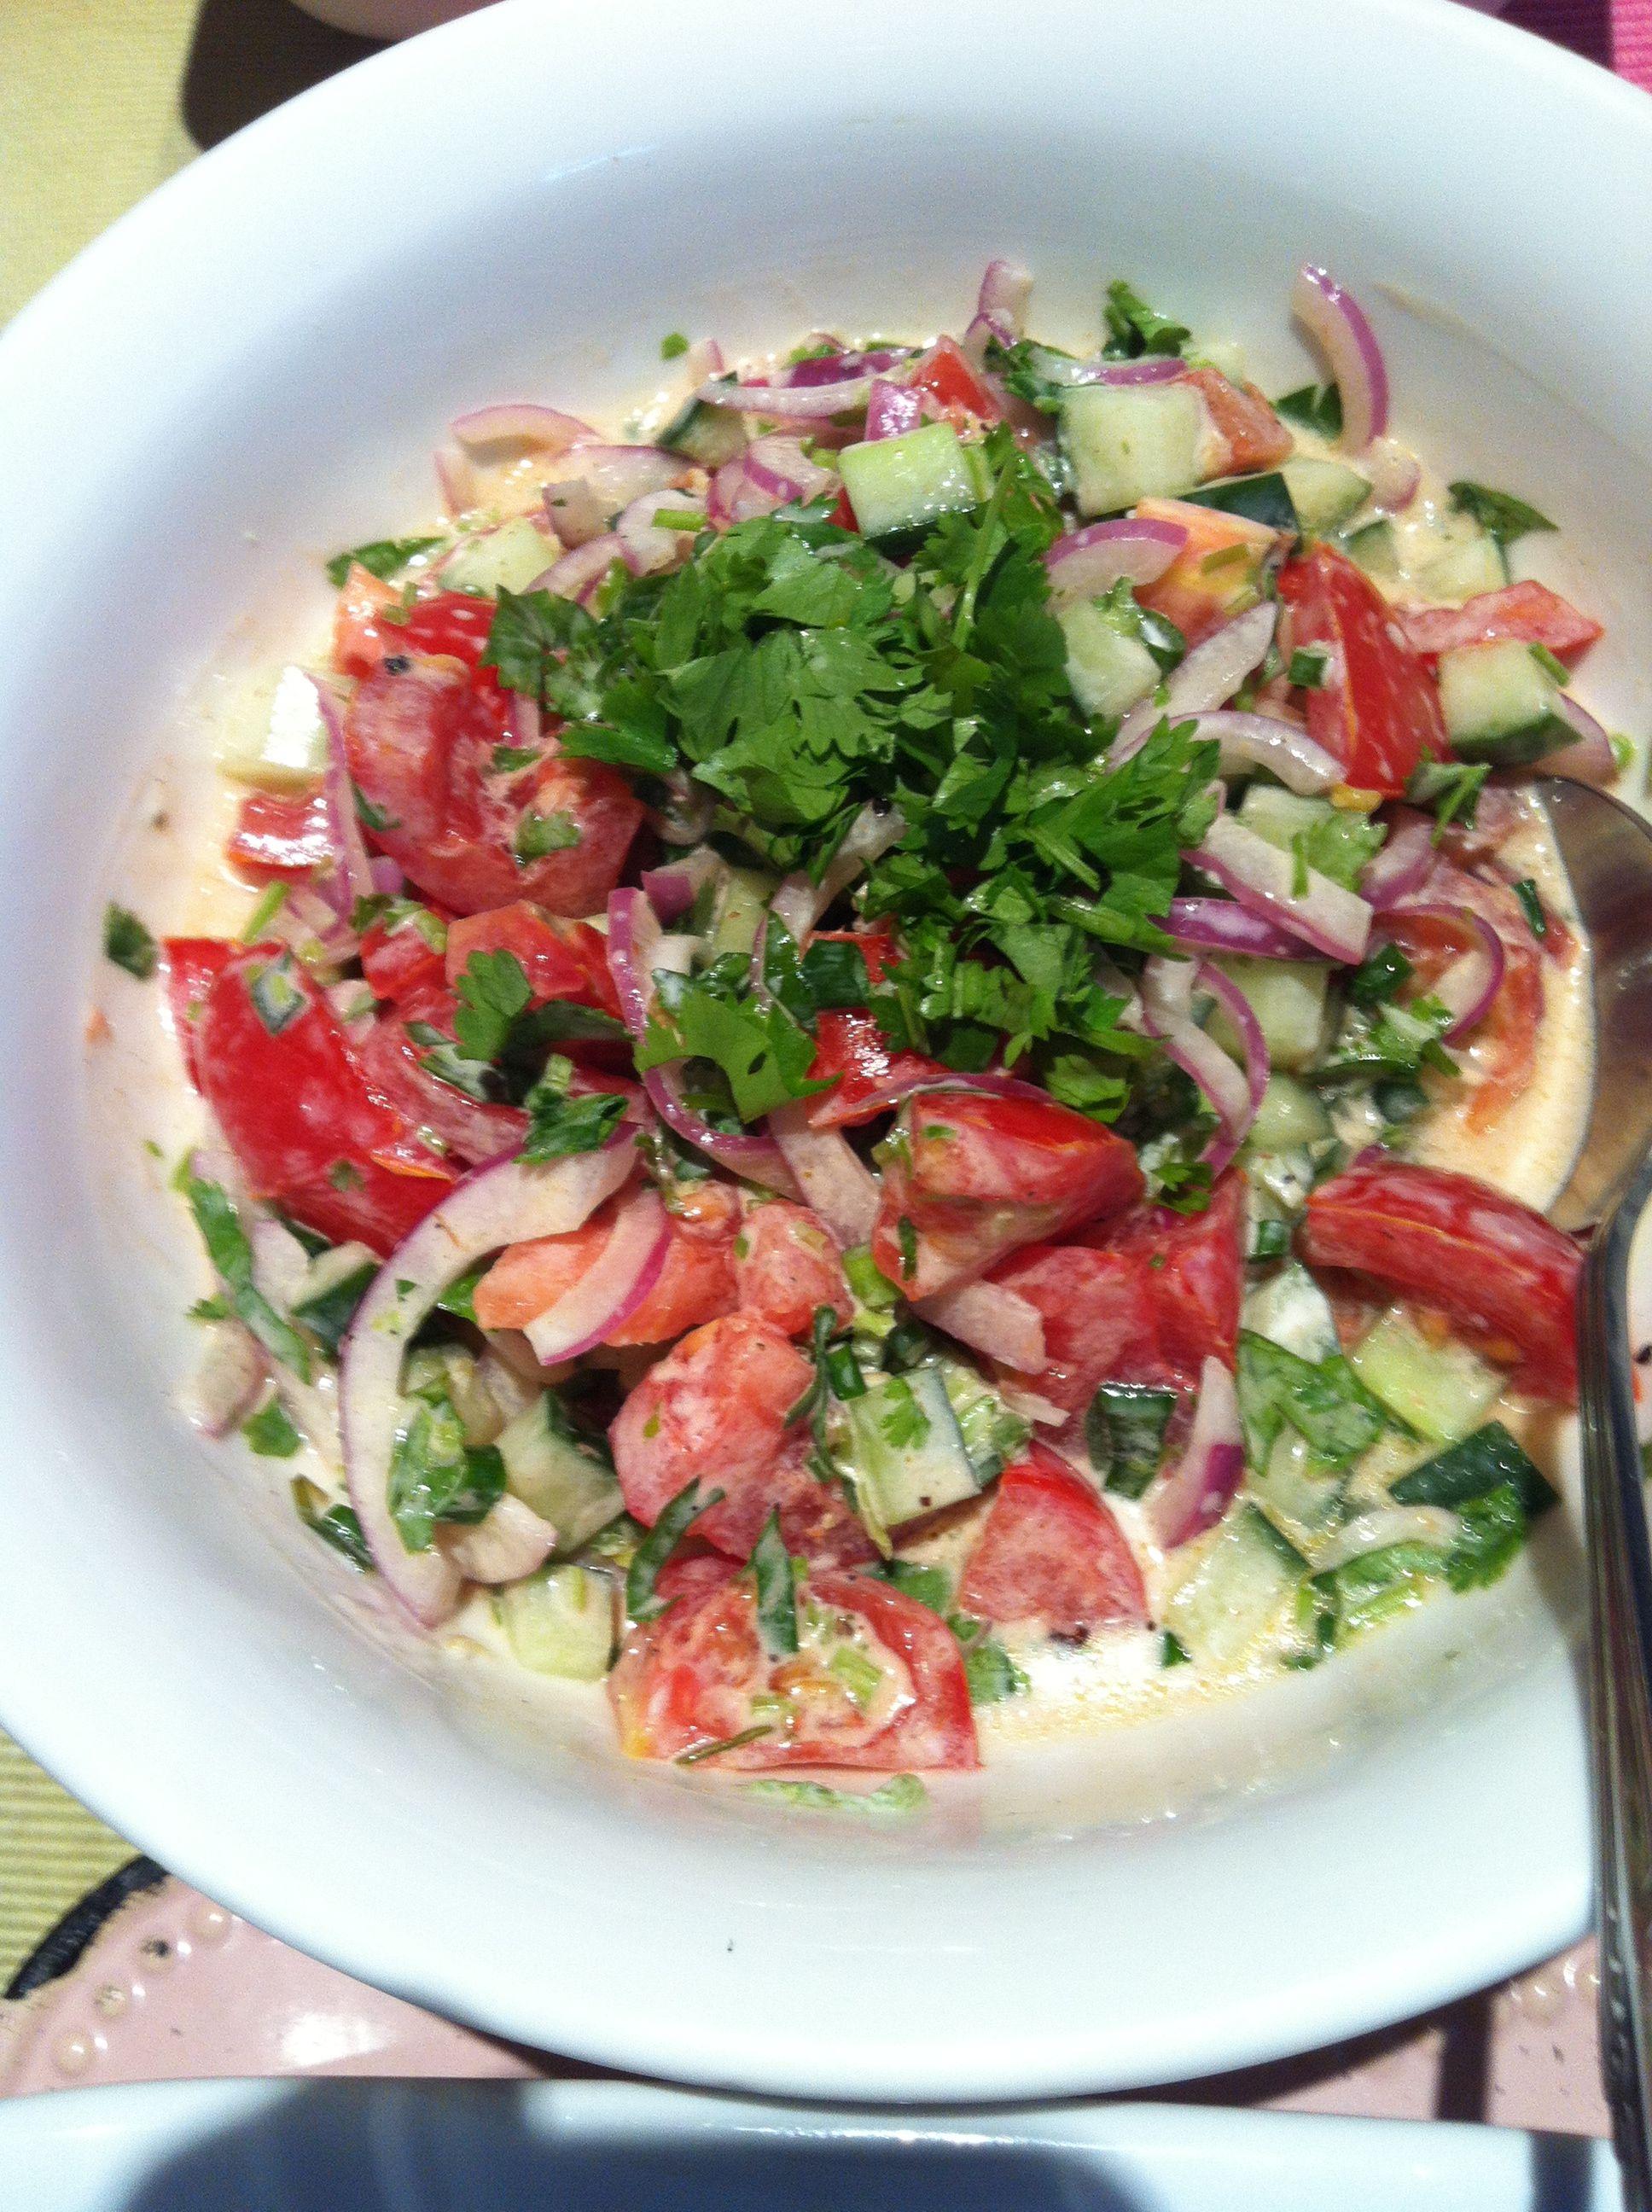 #yummy #yoghurt #salad